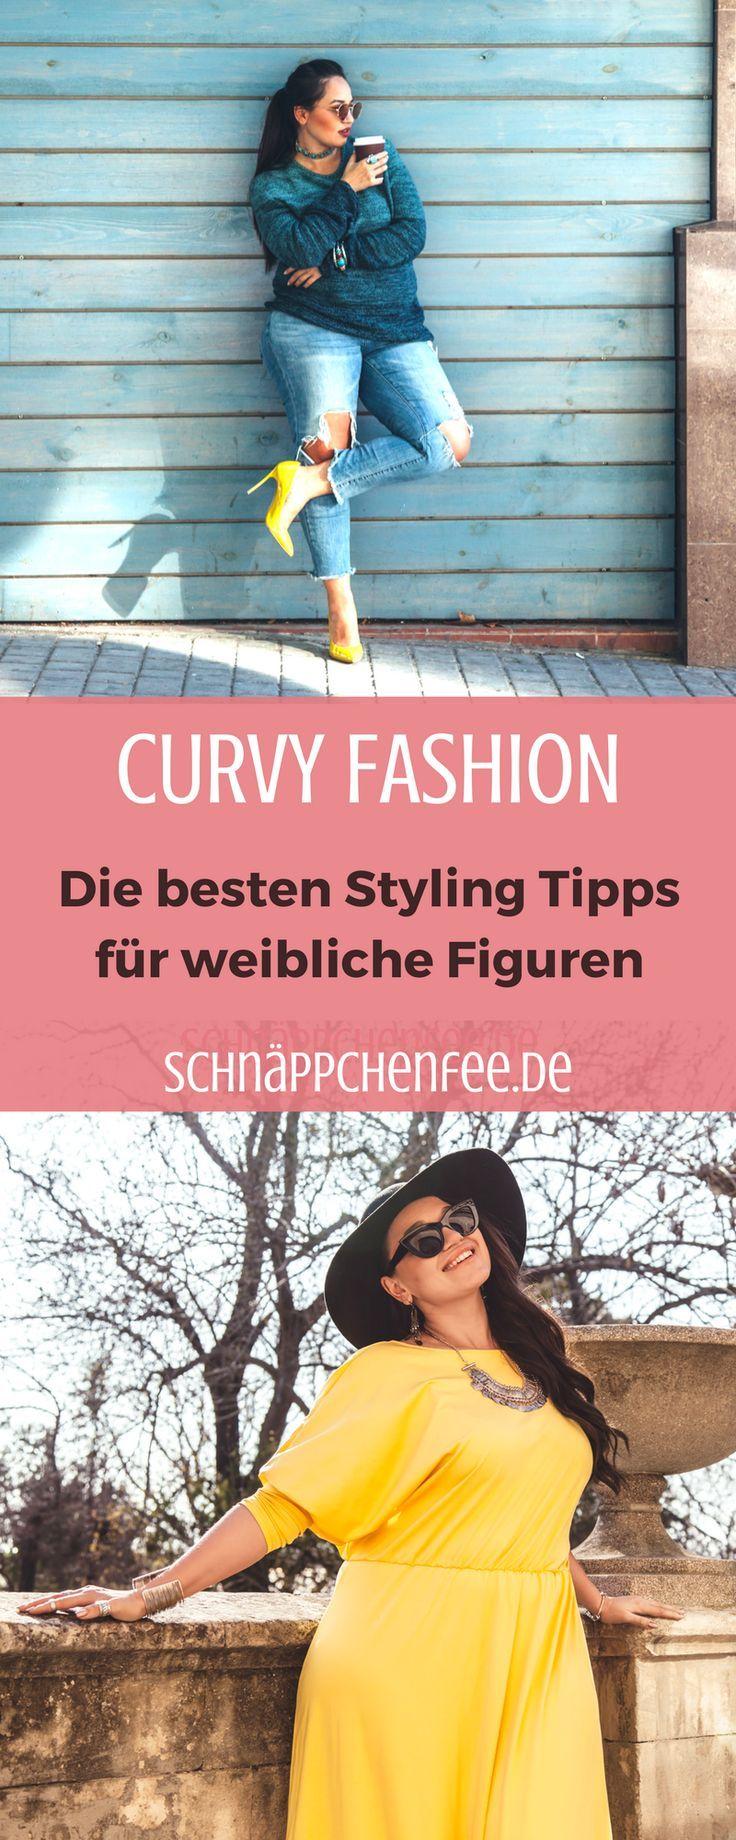 Styling Tipps für kurvige Frauen: Tipps für umwerfende Looks – Stormwhisper